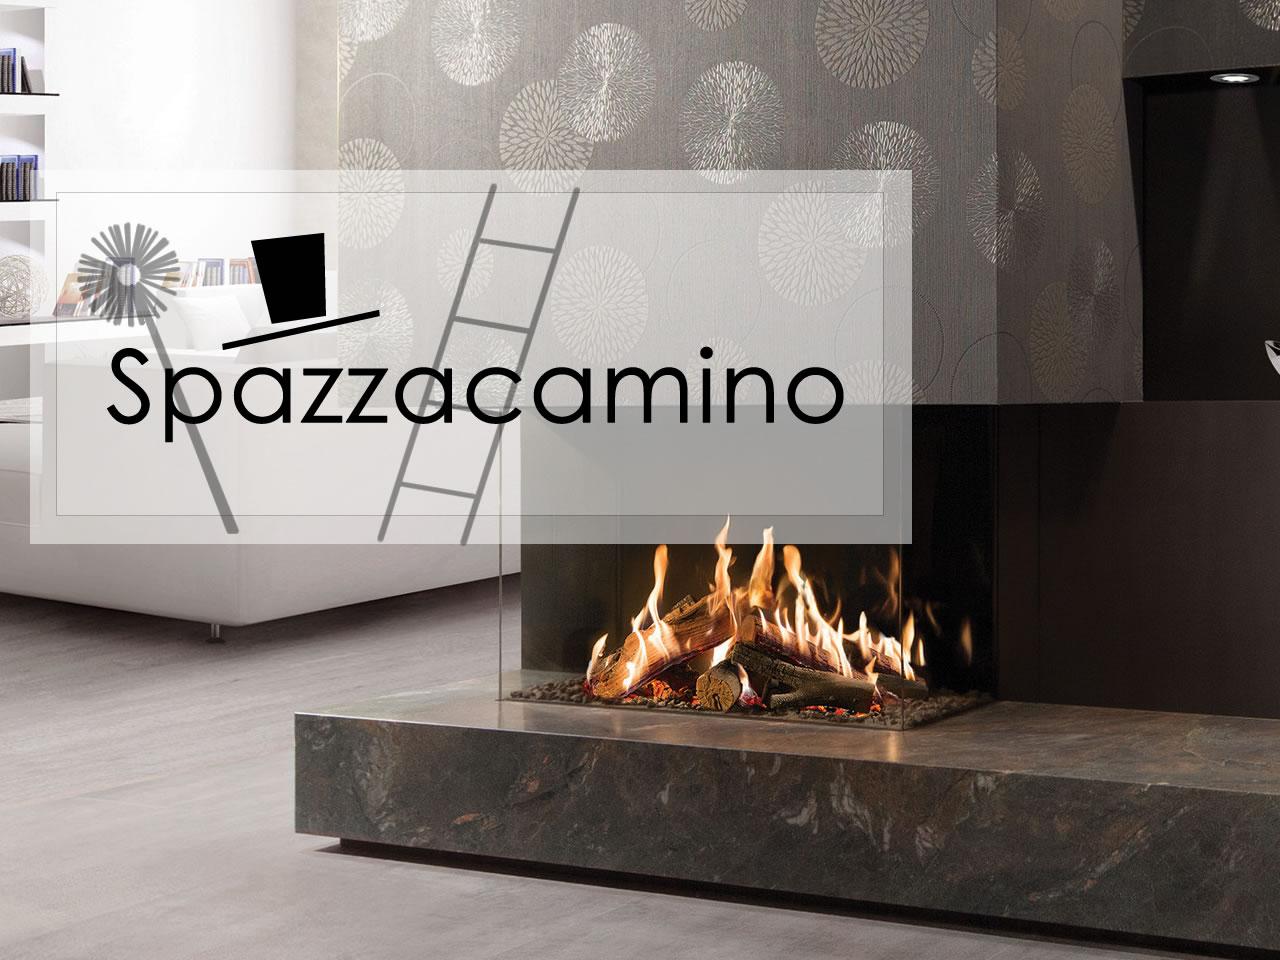 Gorgonzola - Spazzacamino Canna Fumaria a Gorgonzola